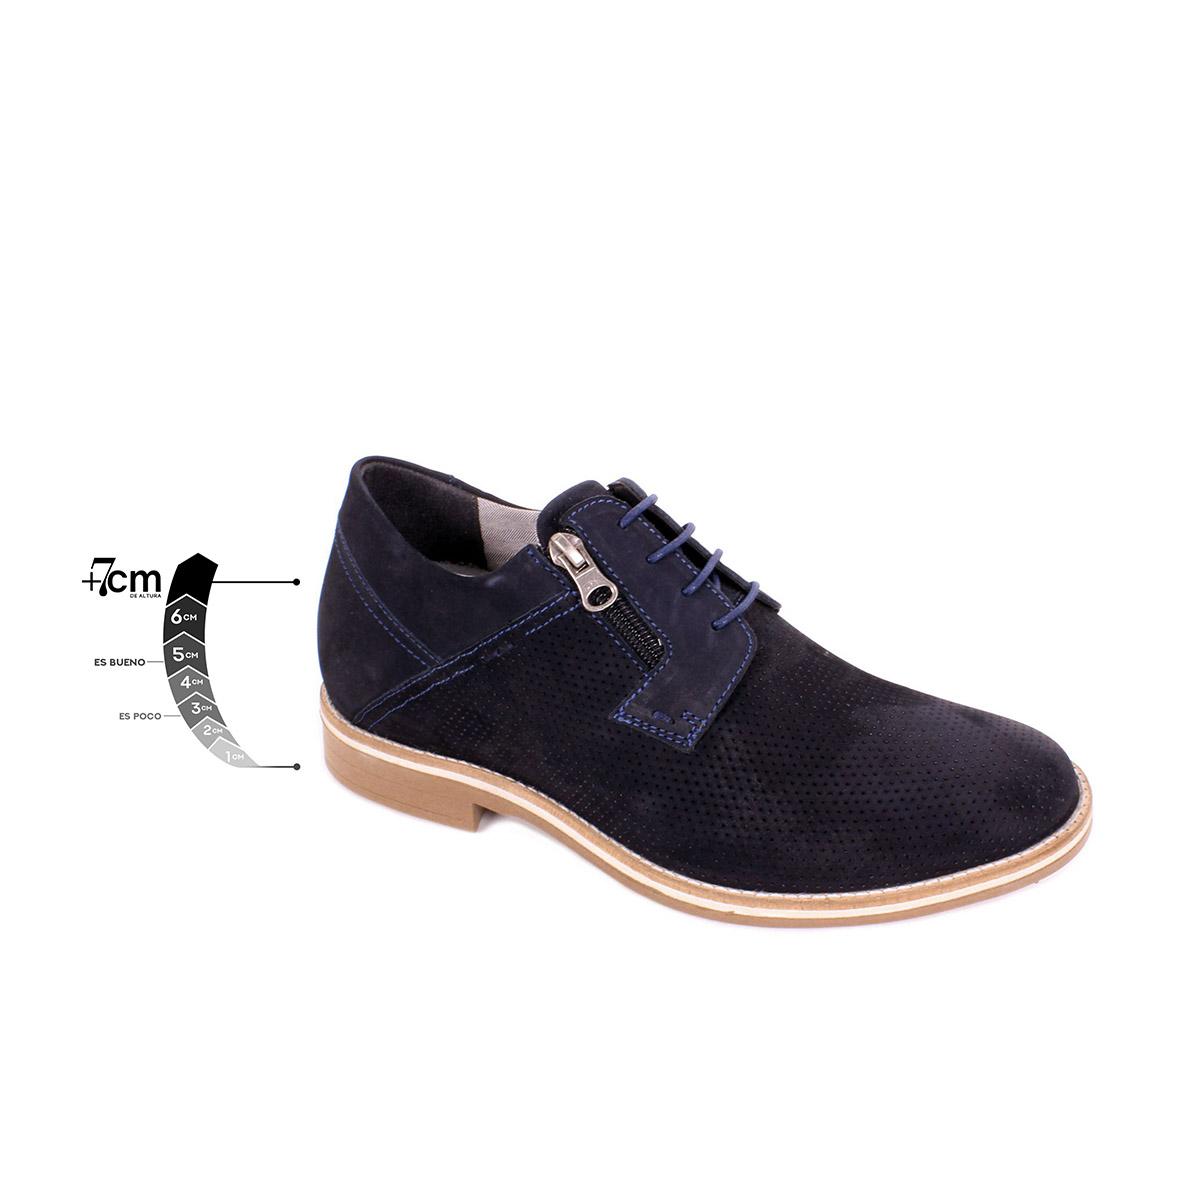 Zapato Casual Break Azul Max Denegri +7cms de Altura_75287